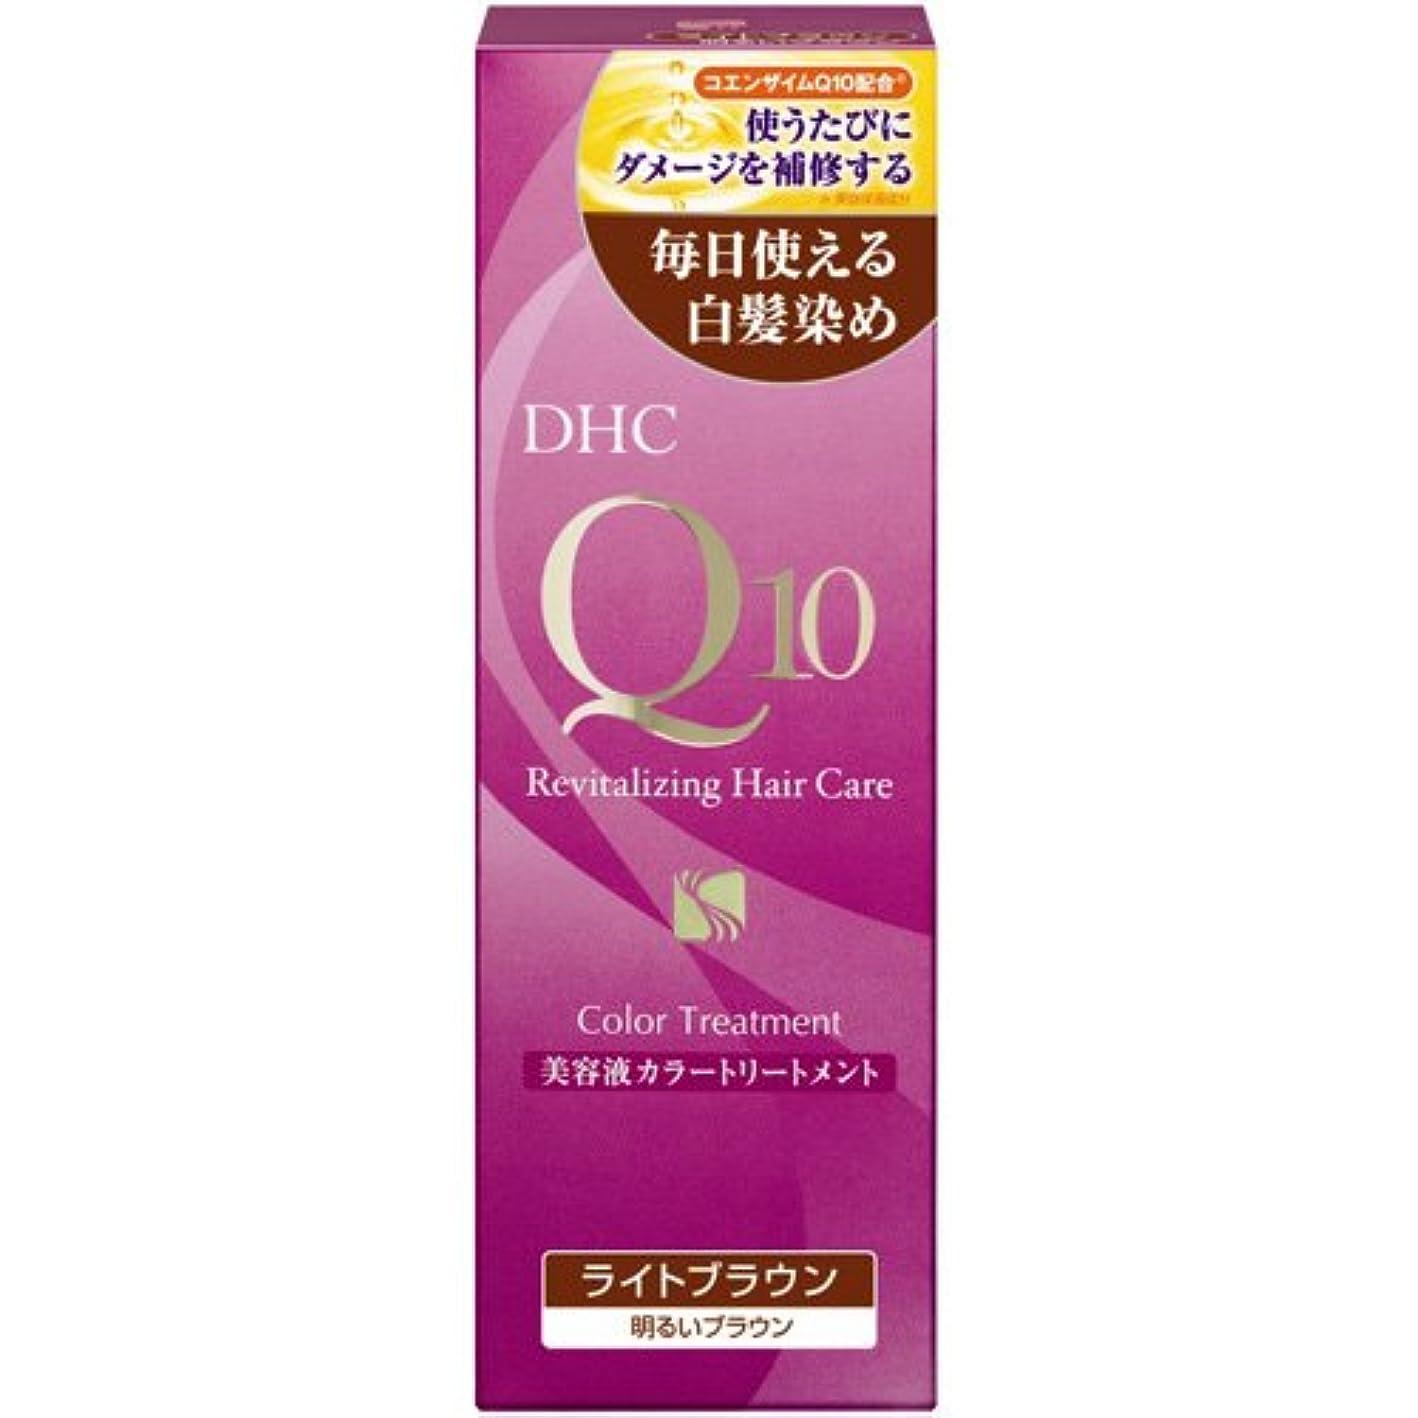 あさり種をまく再発するDHC Q10美溶液カラートリートメントLブラウンSS170g